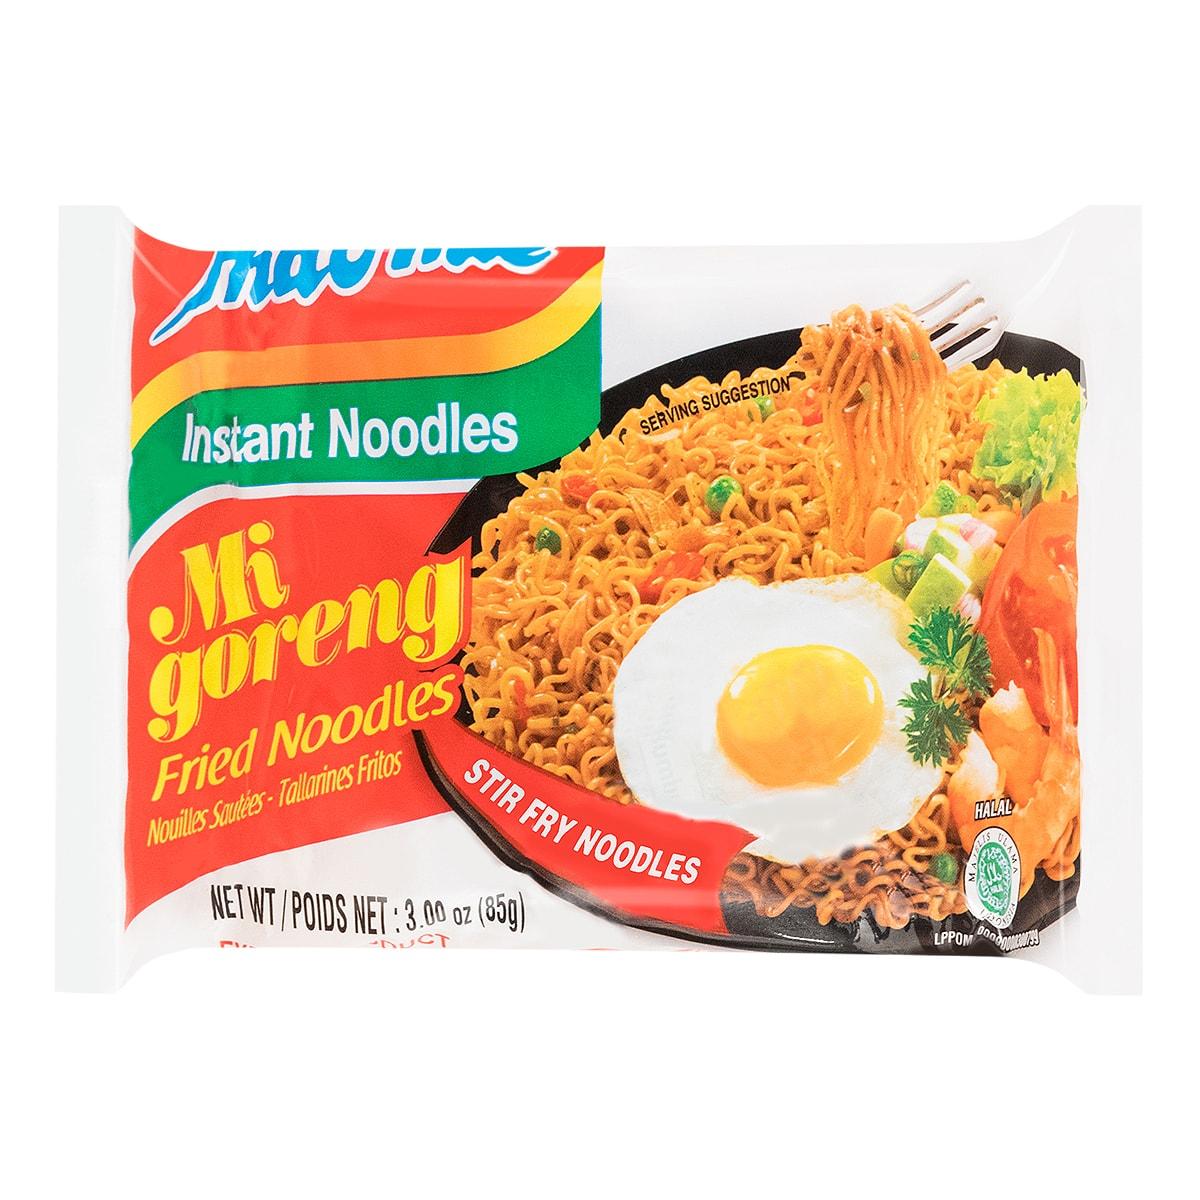 印尼营多 原味干捞面 85g 世界十大最好吃泡面